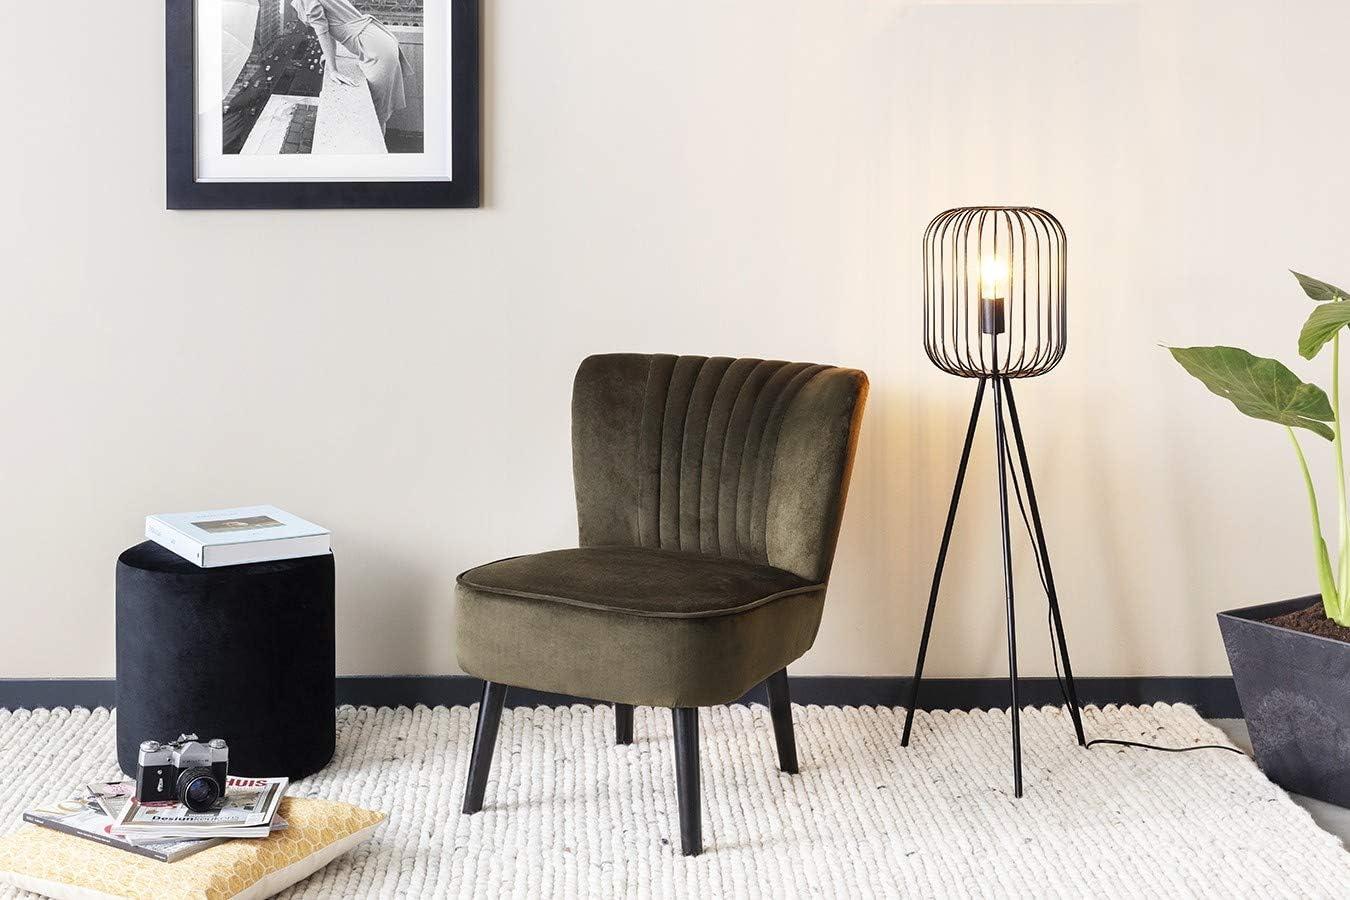 LIFA LIVING 60 cm Moderne Metall Wohnzimmerlampe E27 mit Ständer und Schirm, Schwarze Stehlampe im Industrie Design Höhe 60 Cm (Schwarz)